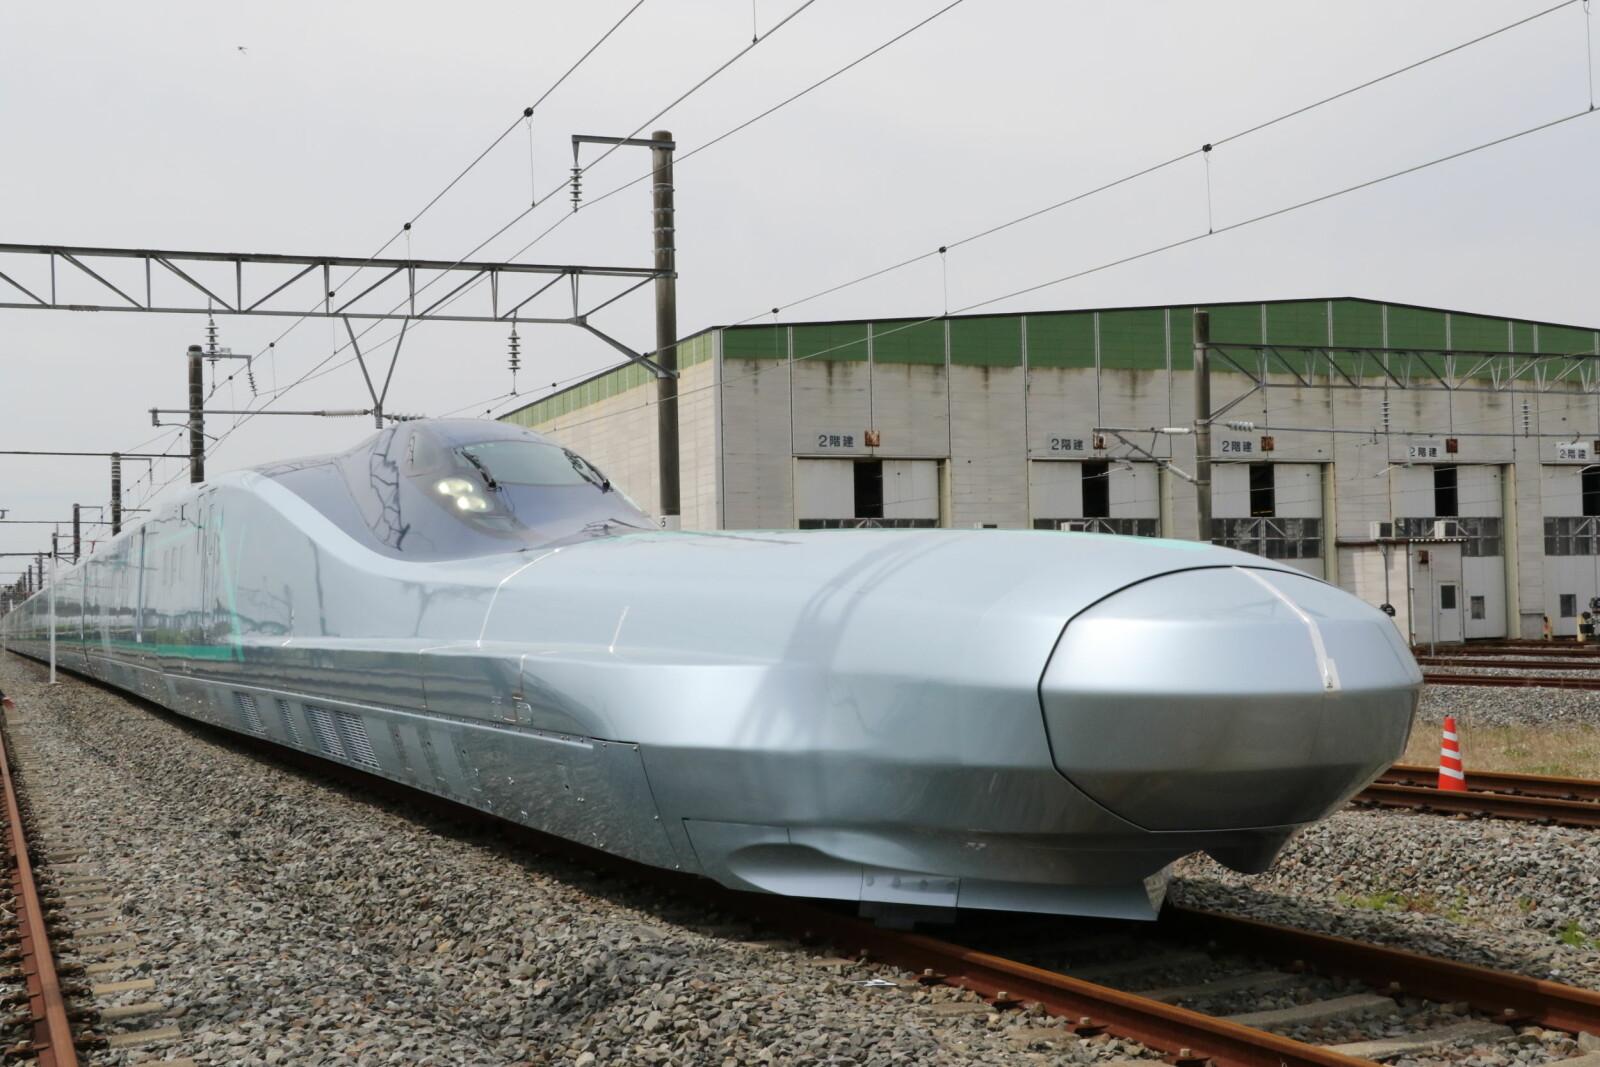 <b>NESEVIS:</b>Et ALFA-X-tog oppnådde en hastighet på 320 km/t da det ble testet 16. mai i år, men toget skal være kapabelt for langt høyere hastigheter.